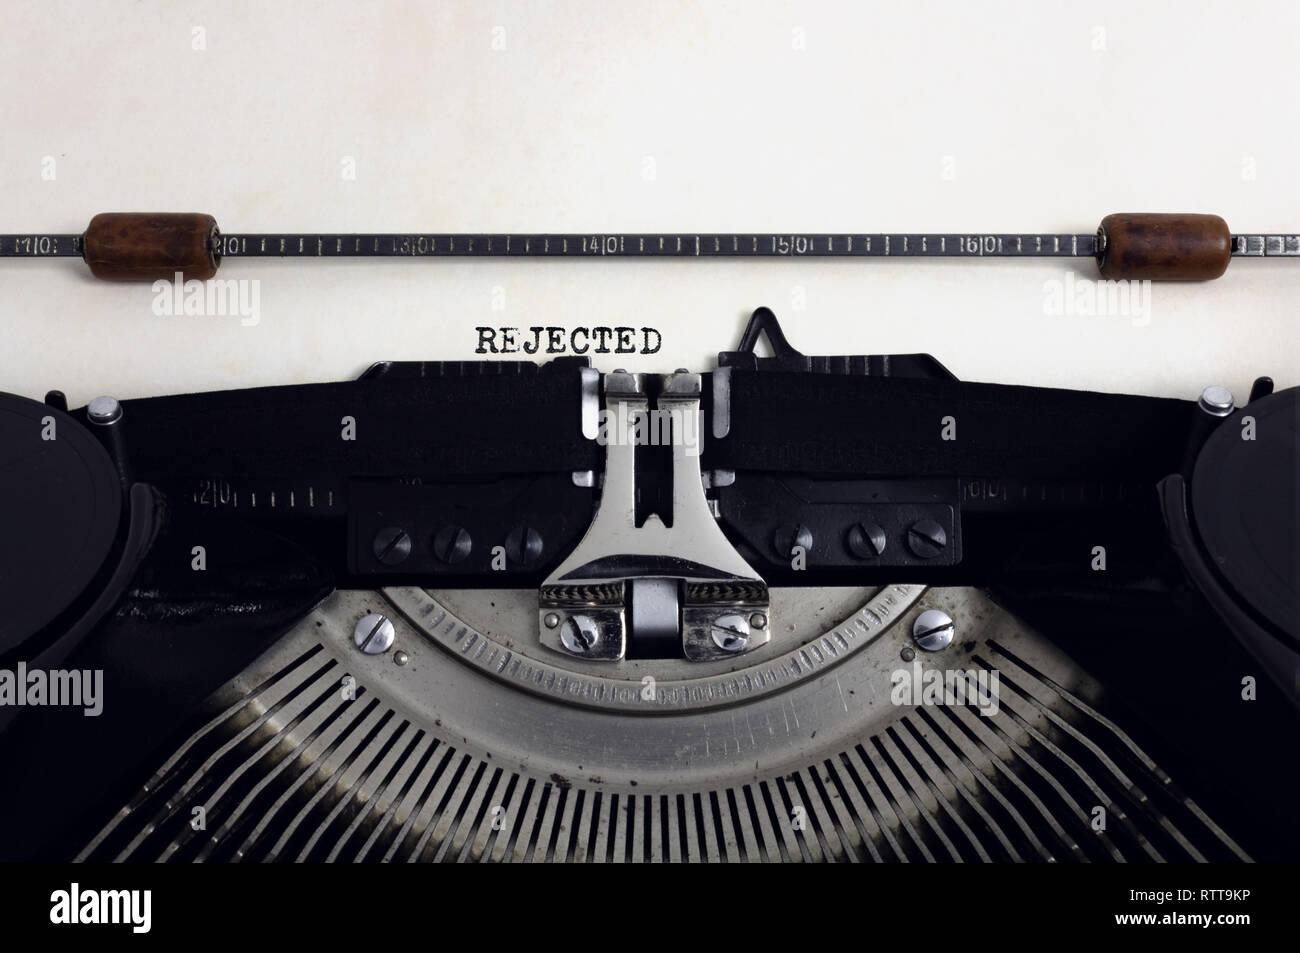 Ancienne rétro vintage typewriter noir avec close-up vous tapez du texte rejeté comme en-tête sur papier vieilli Photo Stock